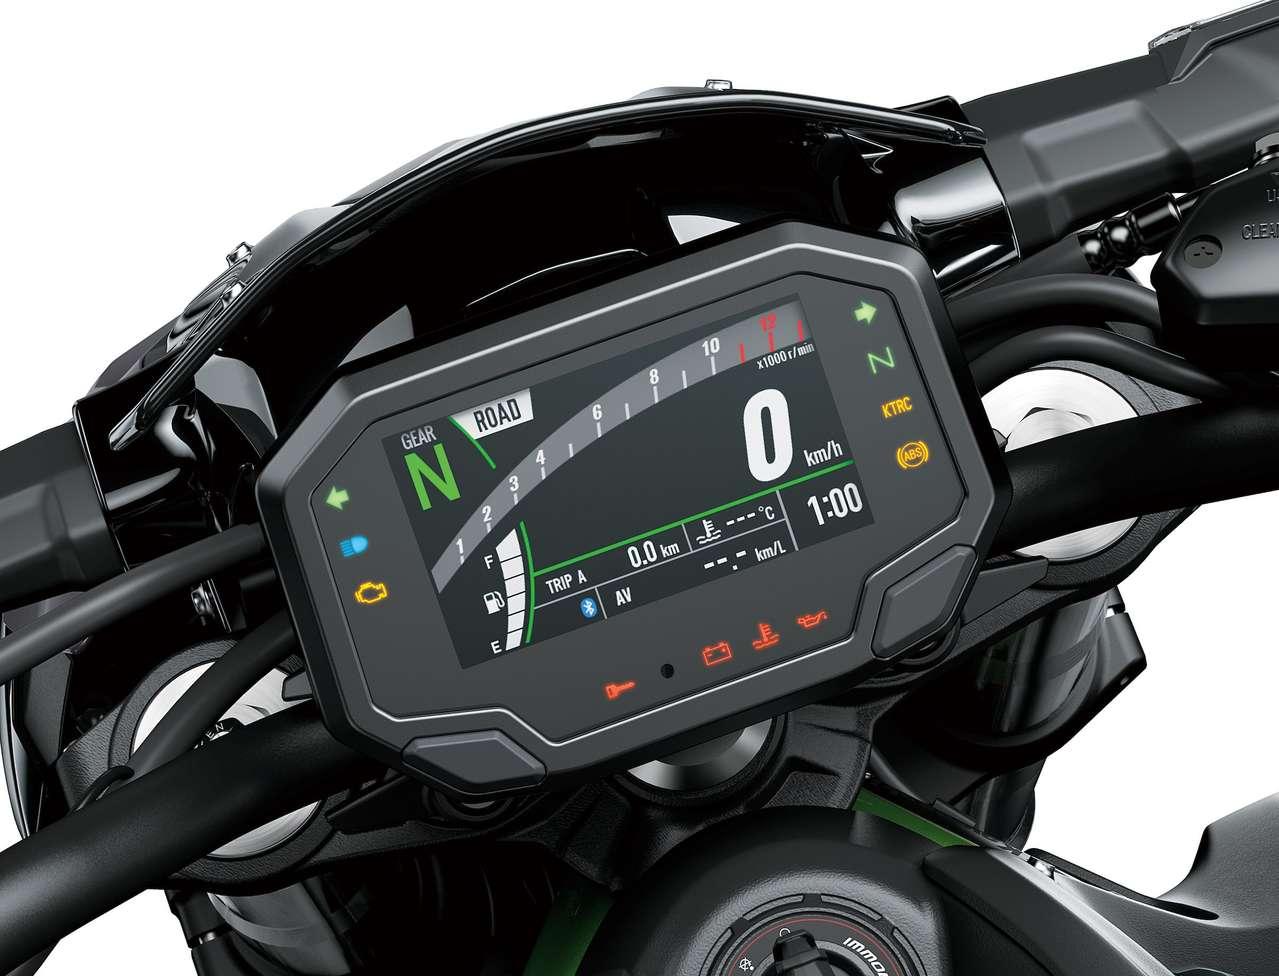 Das neue TFT-Display bietet viele Informationen...